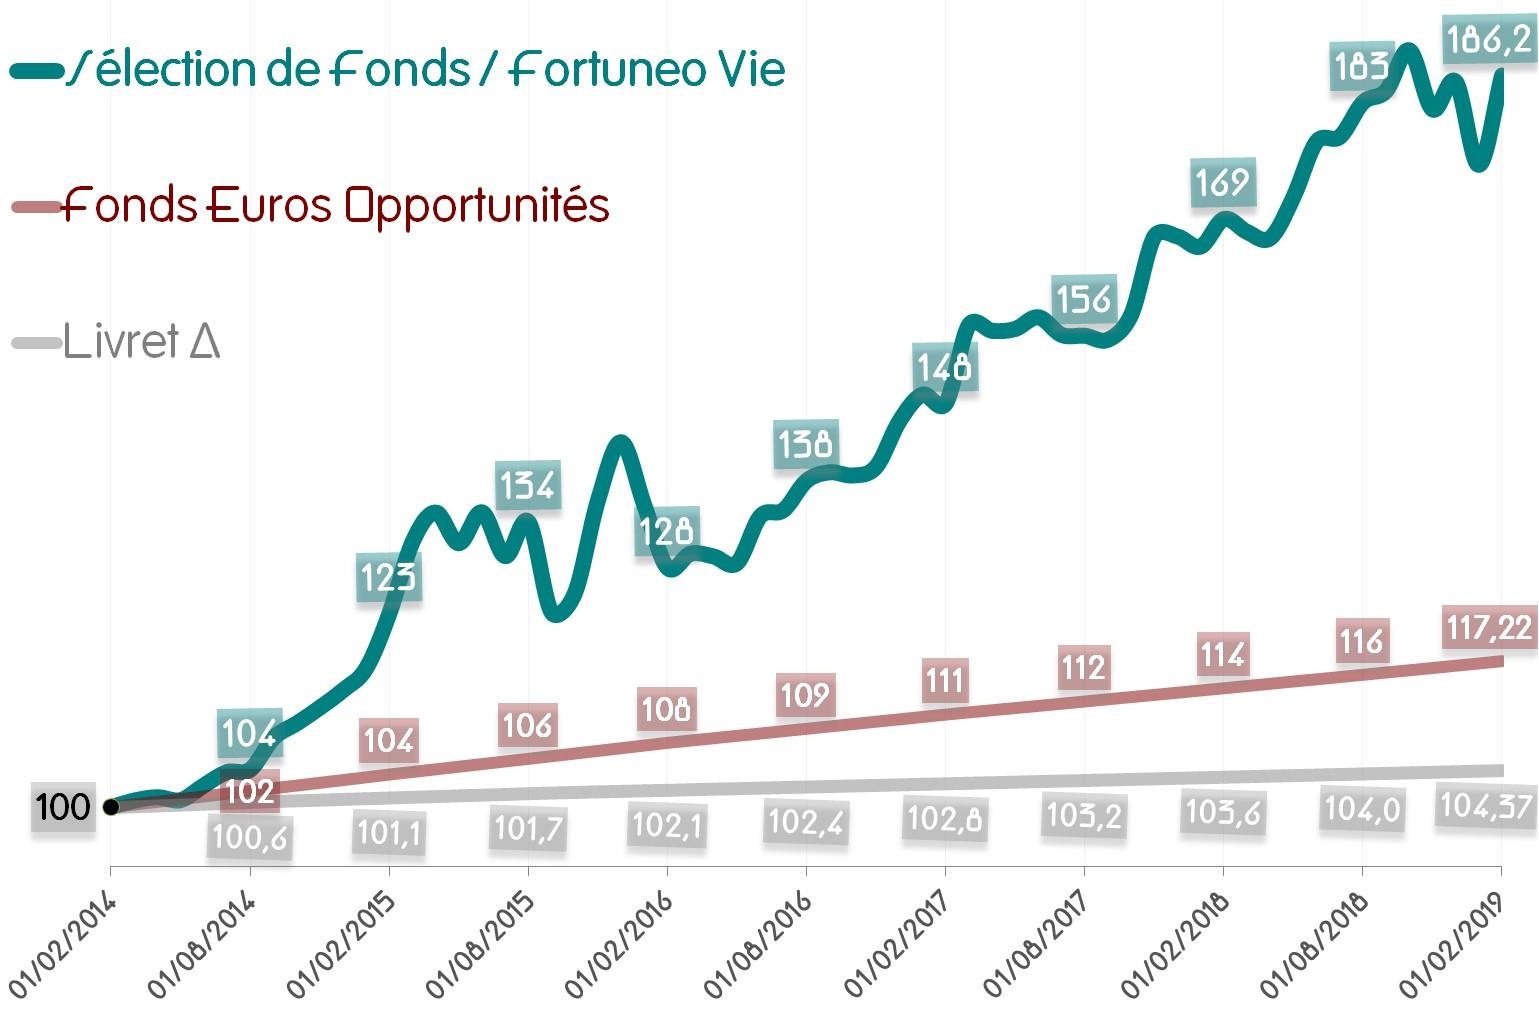 Performance de la Sélection de Fonds - Fortuneo Vie